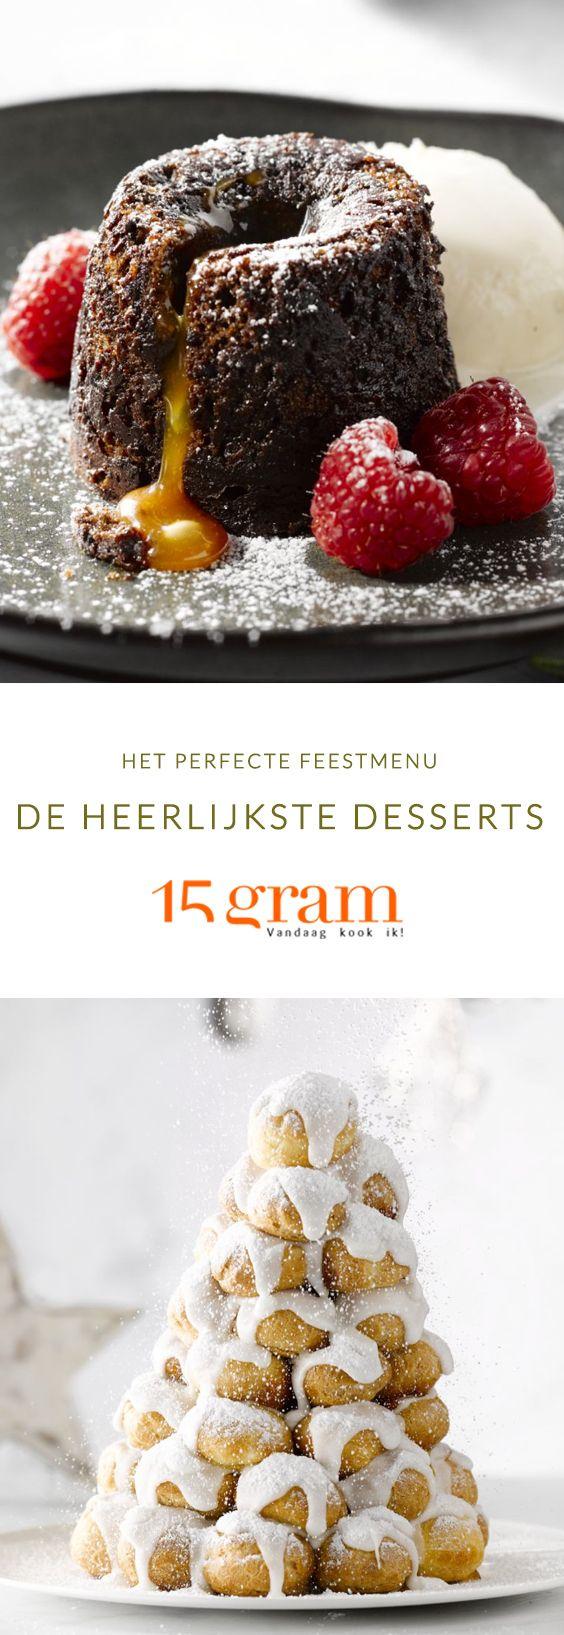 De lekkerste desserts om te serveren met kerst of nieuwjaar